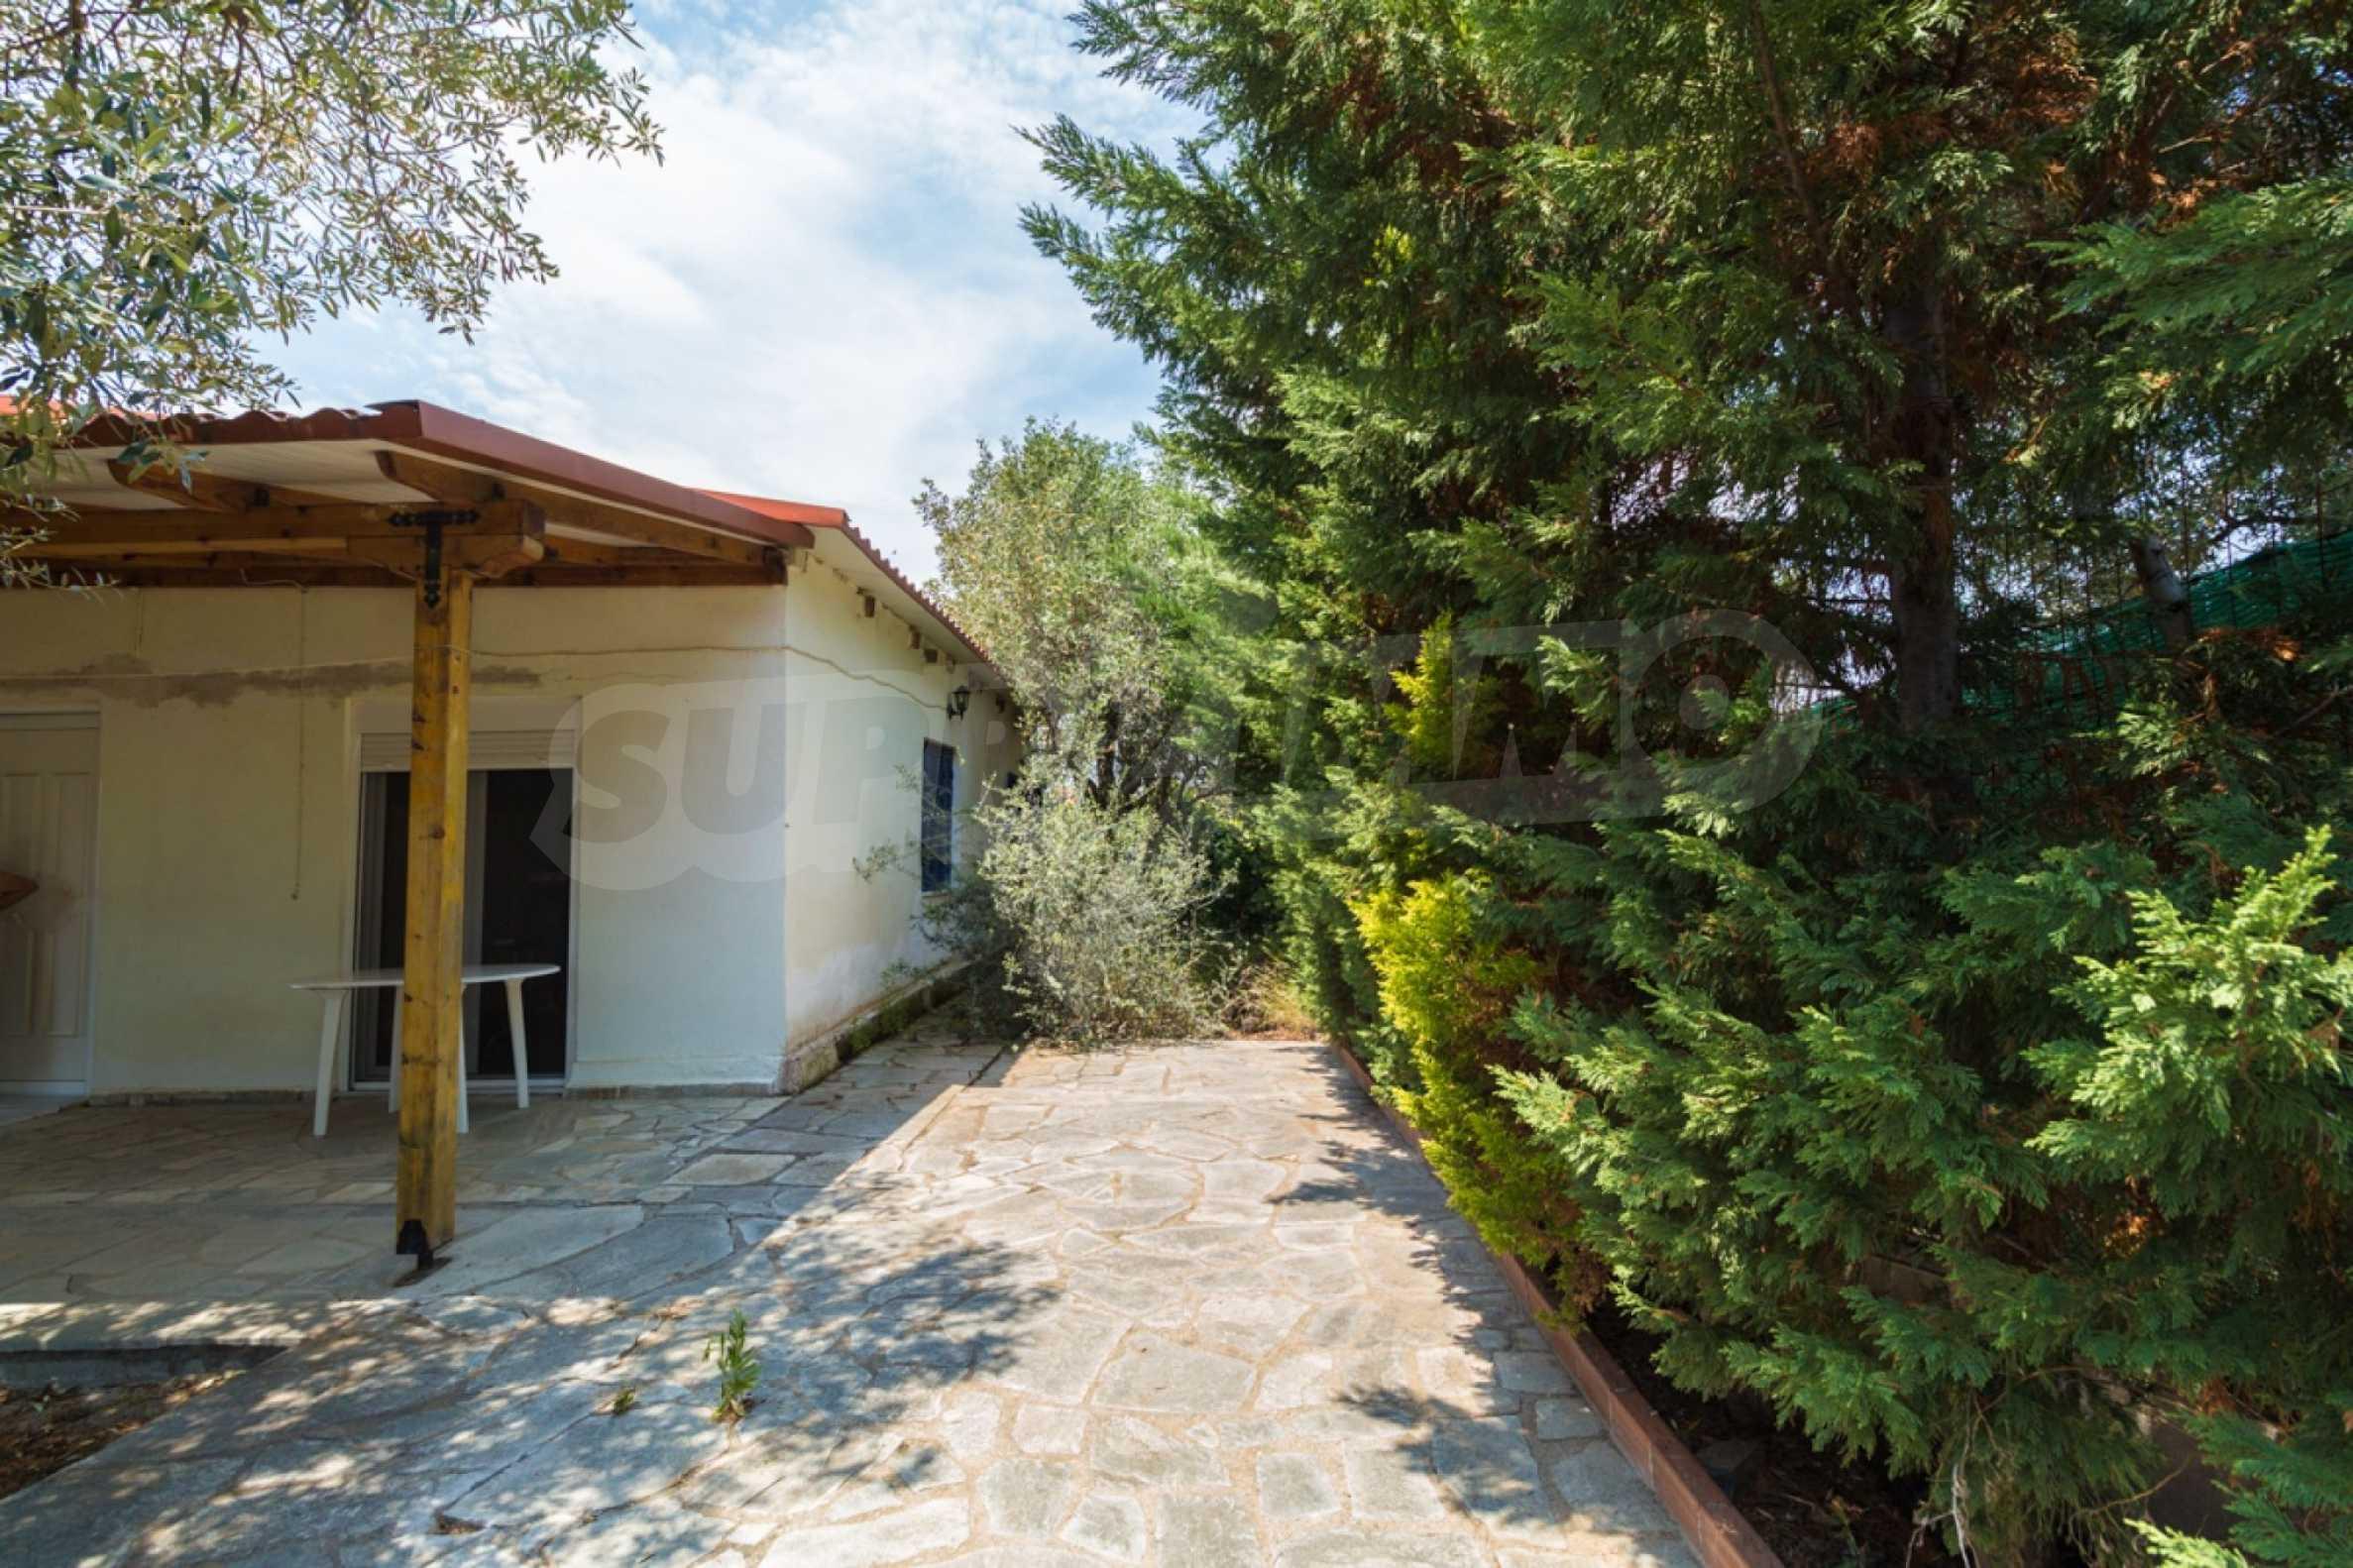 Къща  в  Херакини 21